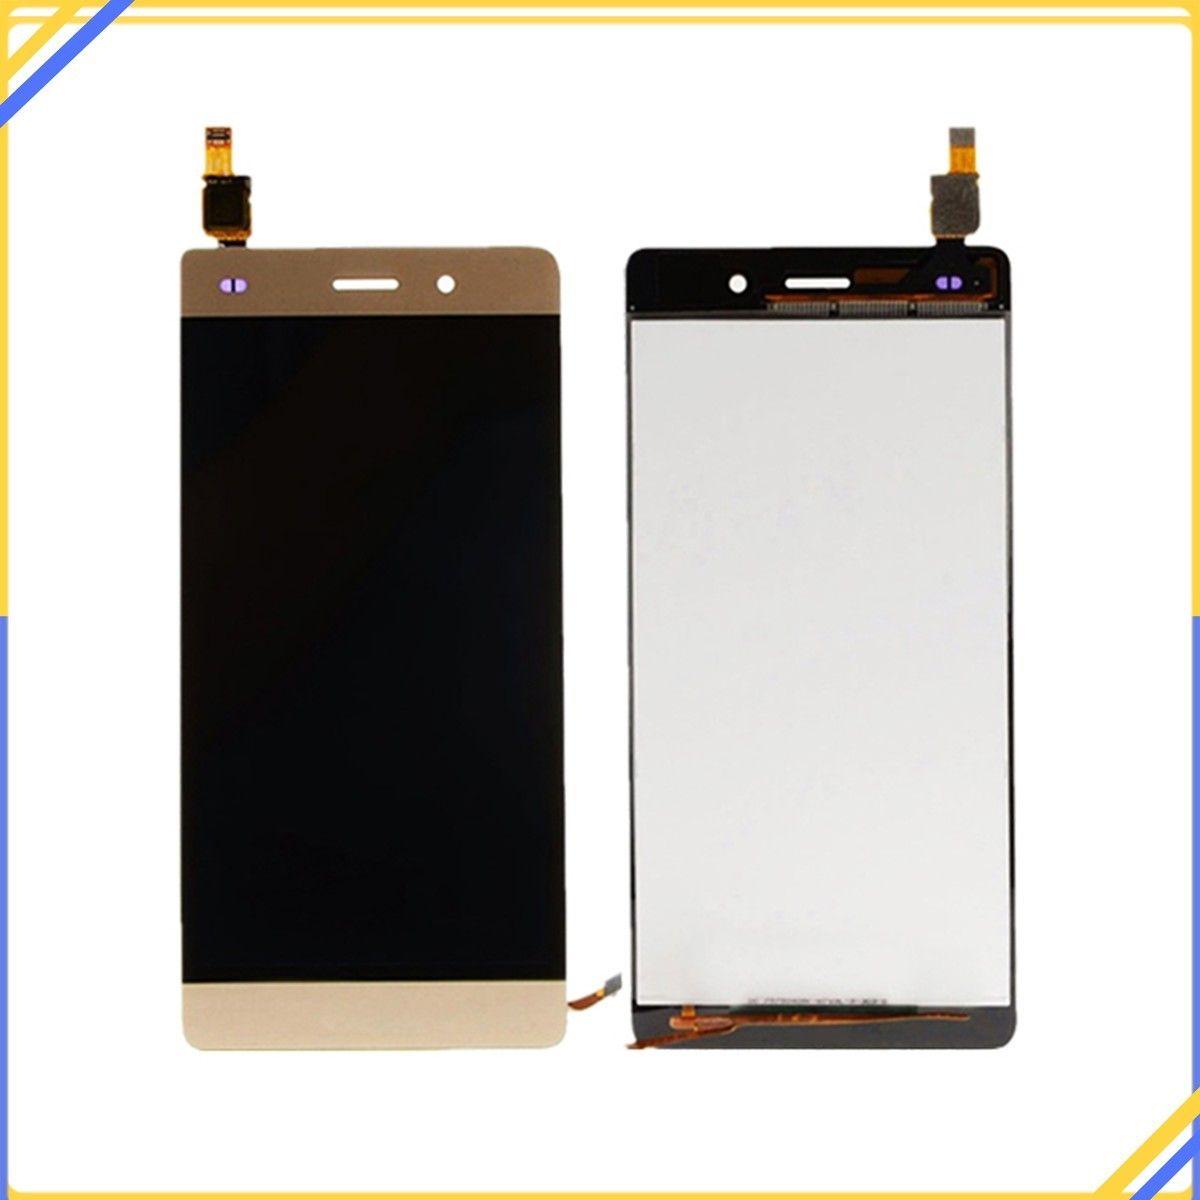 Für Huawei P8 Lite ALE L04 L21 LCD Display Touchscreen Handy Lcds Digitizer Assembly Ersatzteile Mit Werkzeugen